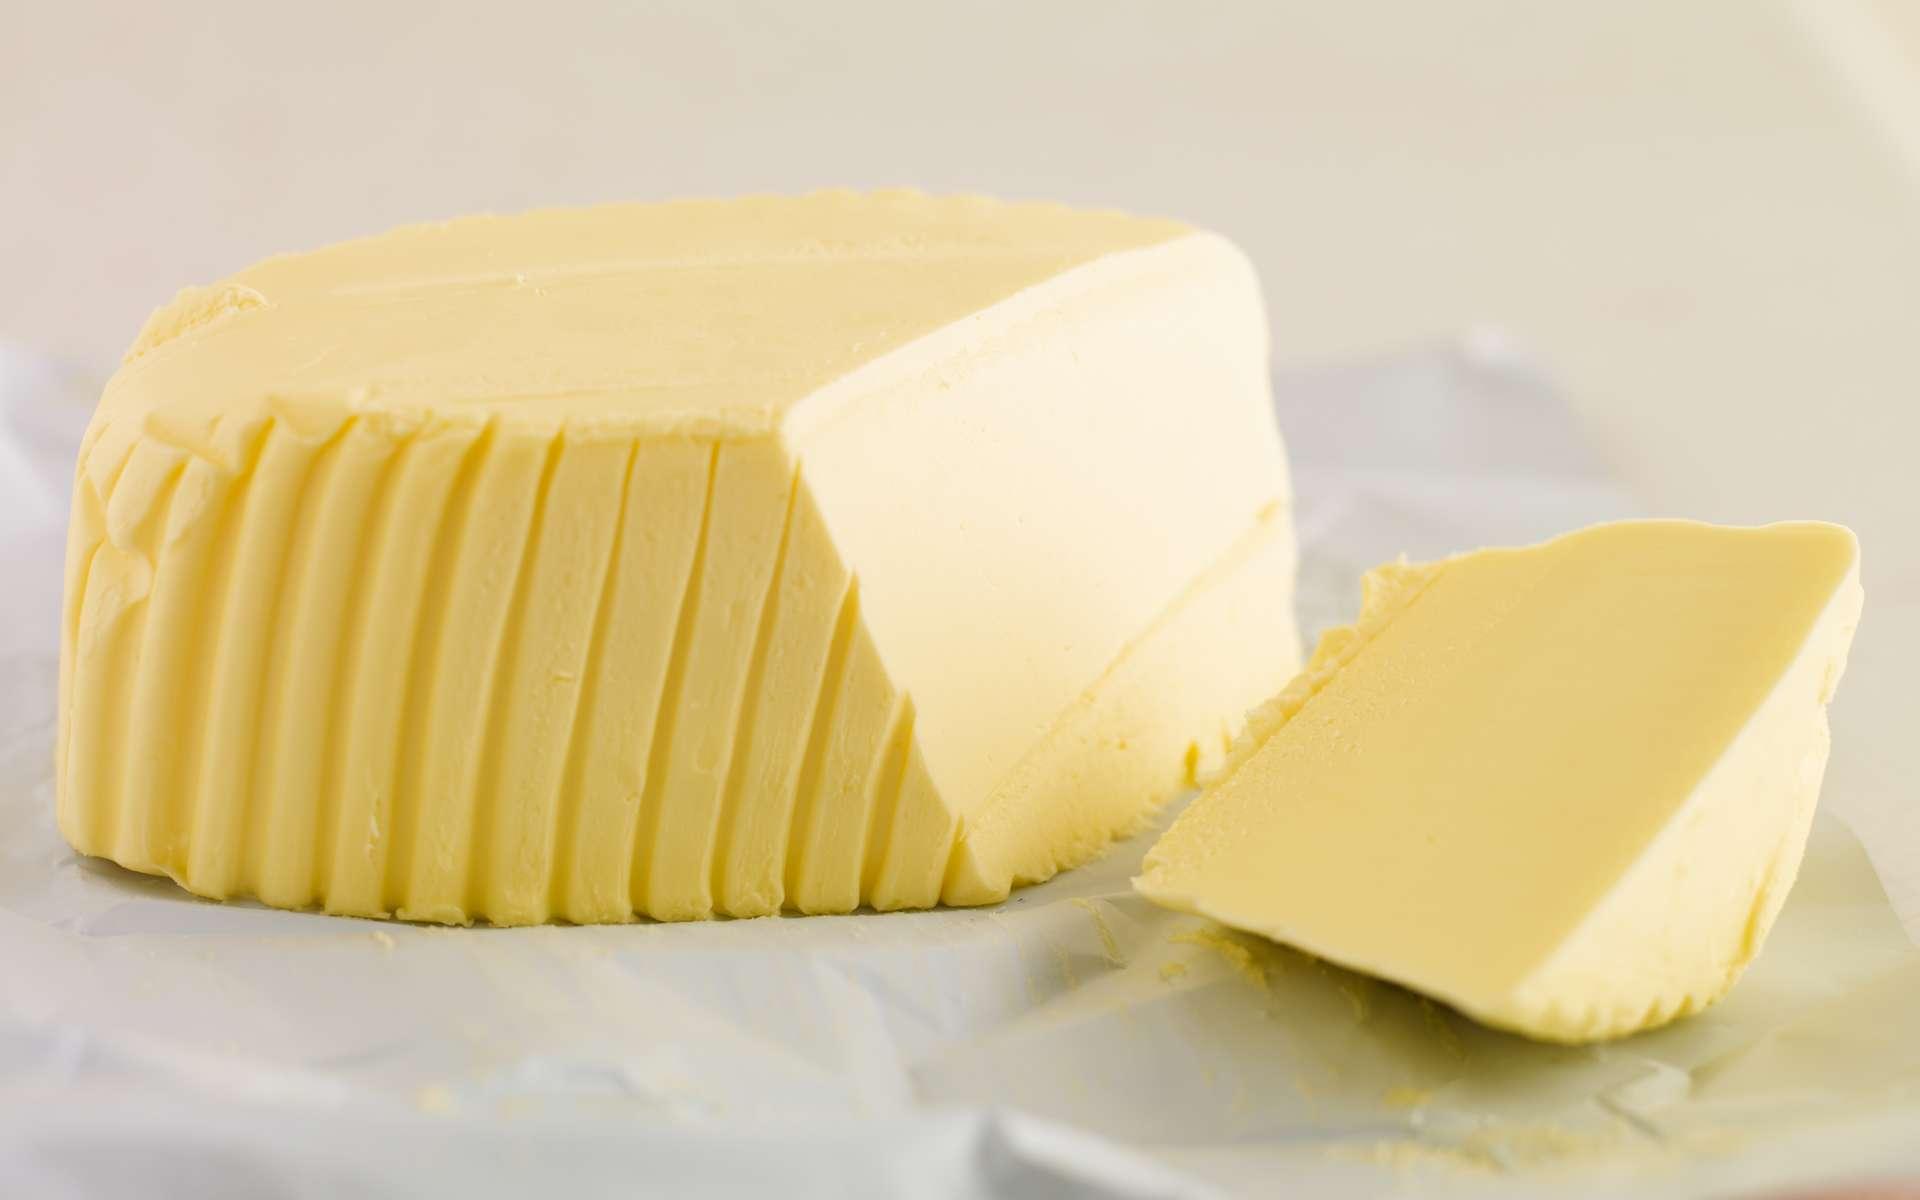 Comment fabriquer son beurre maison ? © P. Javelle, CNIEL